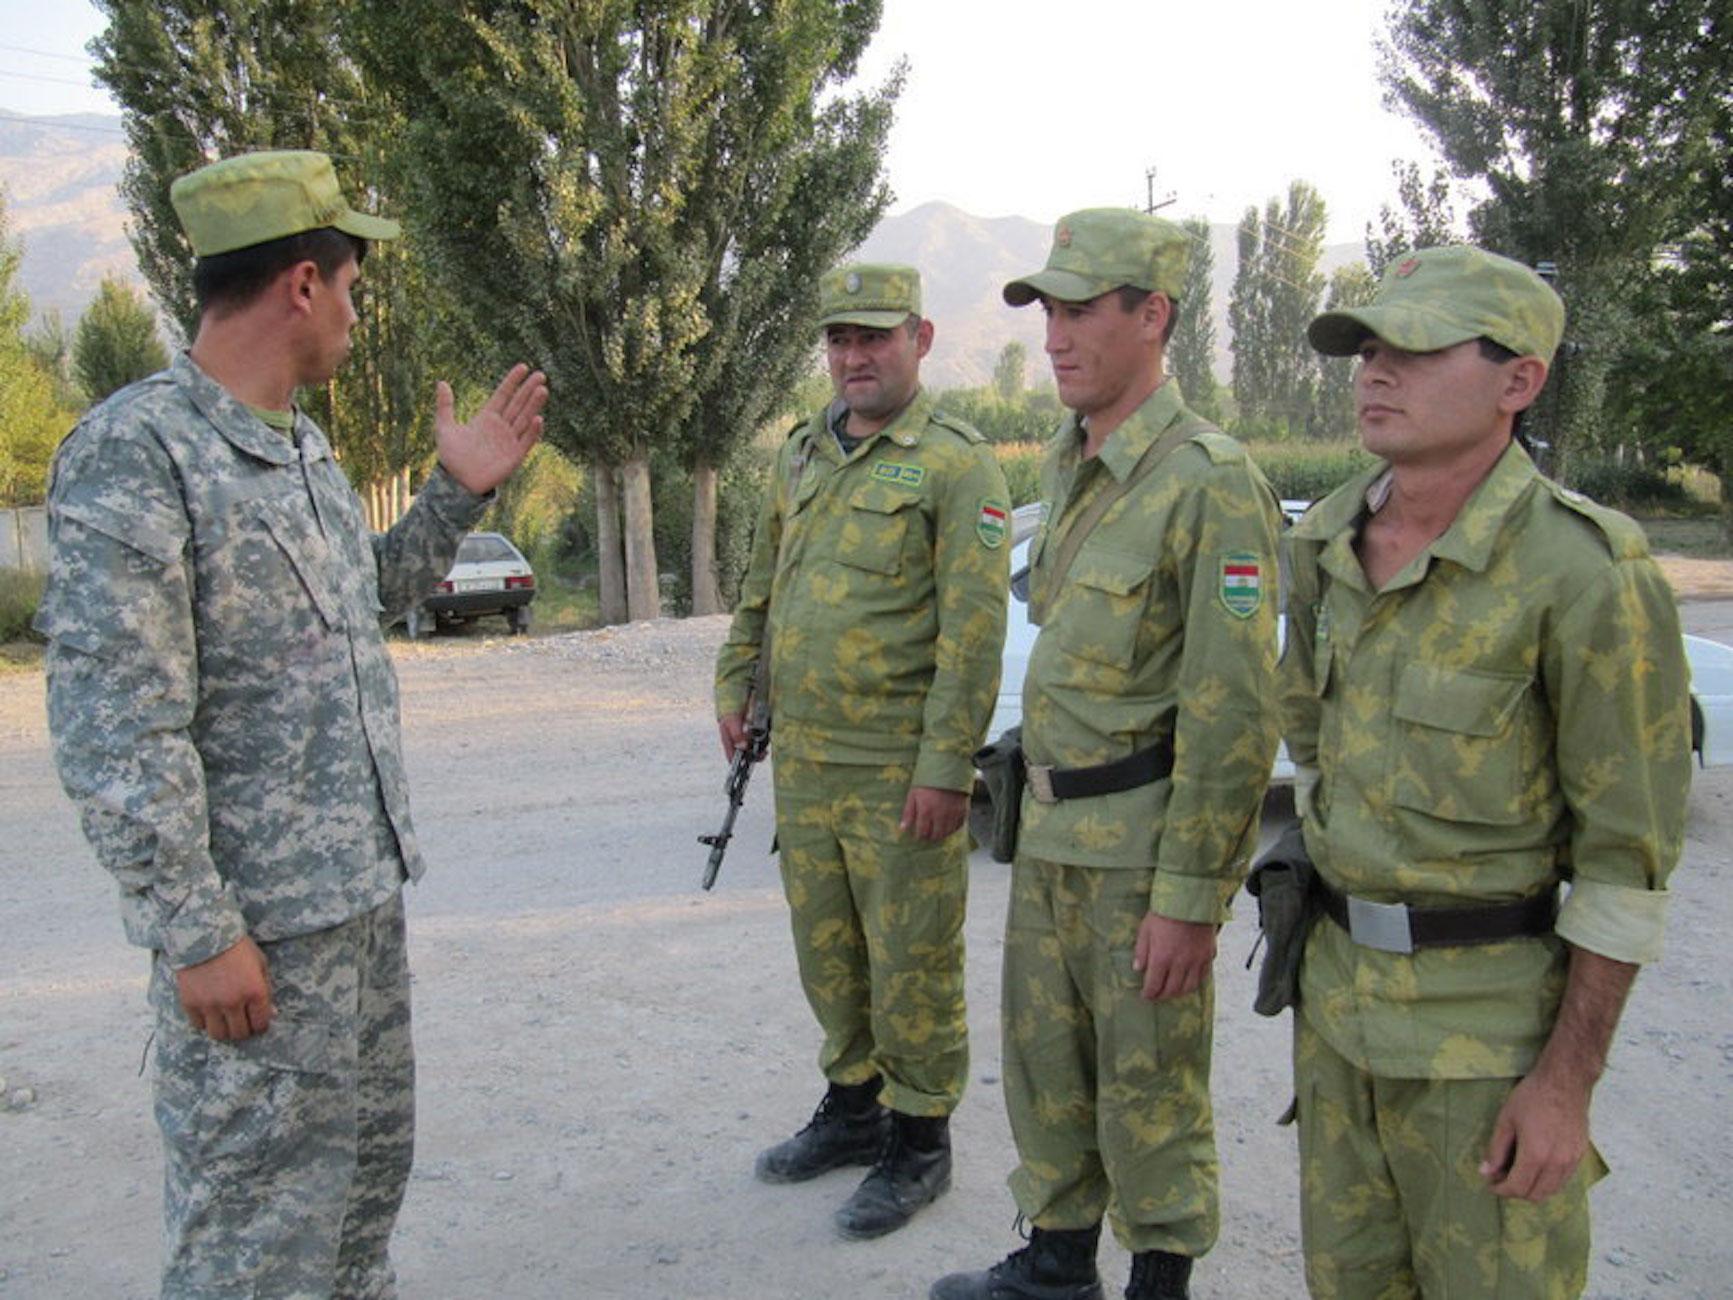 Таджикские пограничники в Исфаре, недалеко от границы с Кыргызстаном. Весна 2012 года. [Негматулло Мирсаидов]